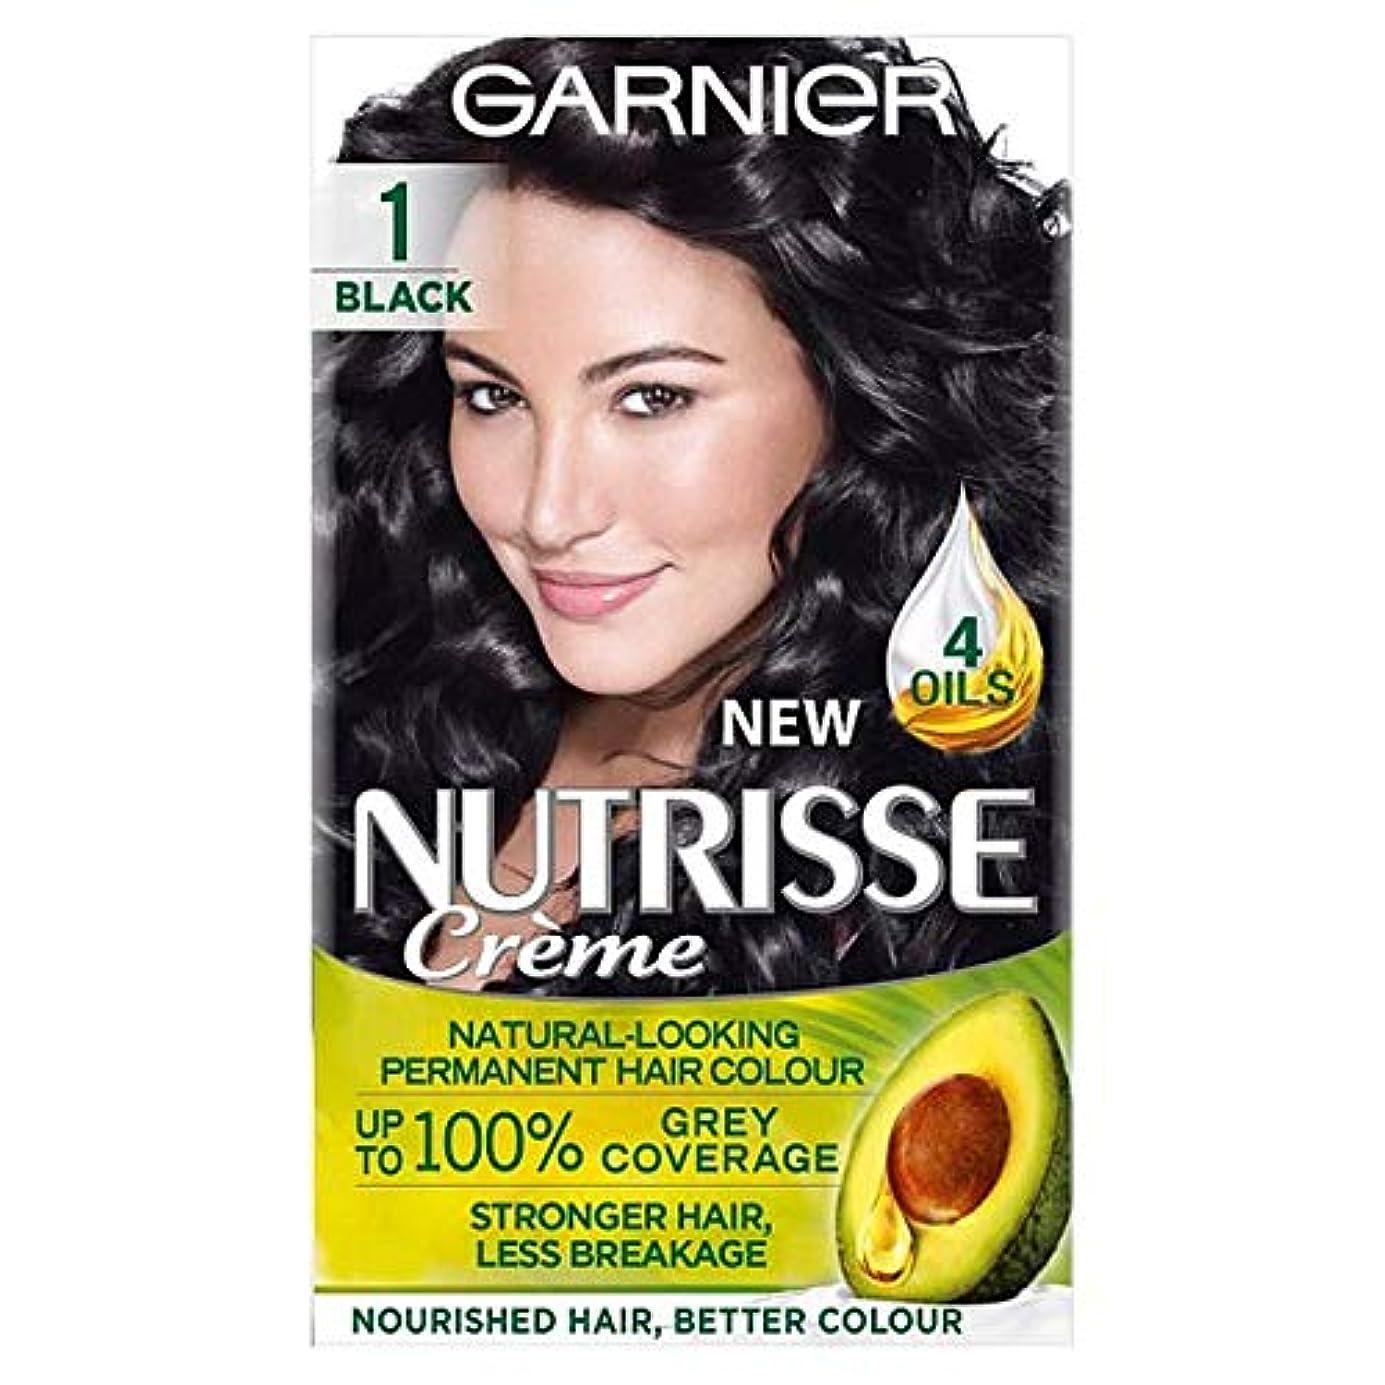 アイドル知る香り[Nutrisse] ガルニエNutrisse 1黒のパーマネントヘアダイ - Garnier Nutrisse 1 Black Permanent Hair Dye [並行輸入品]